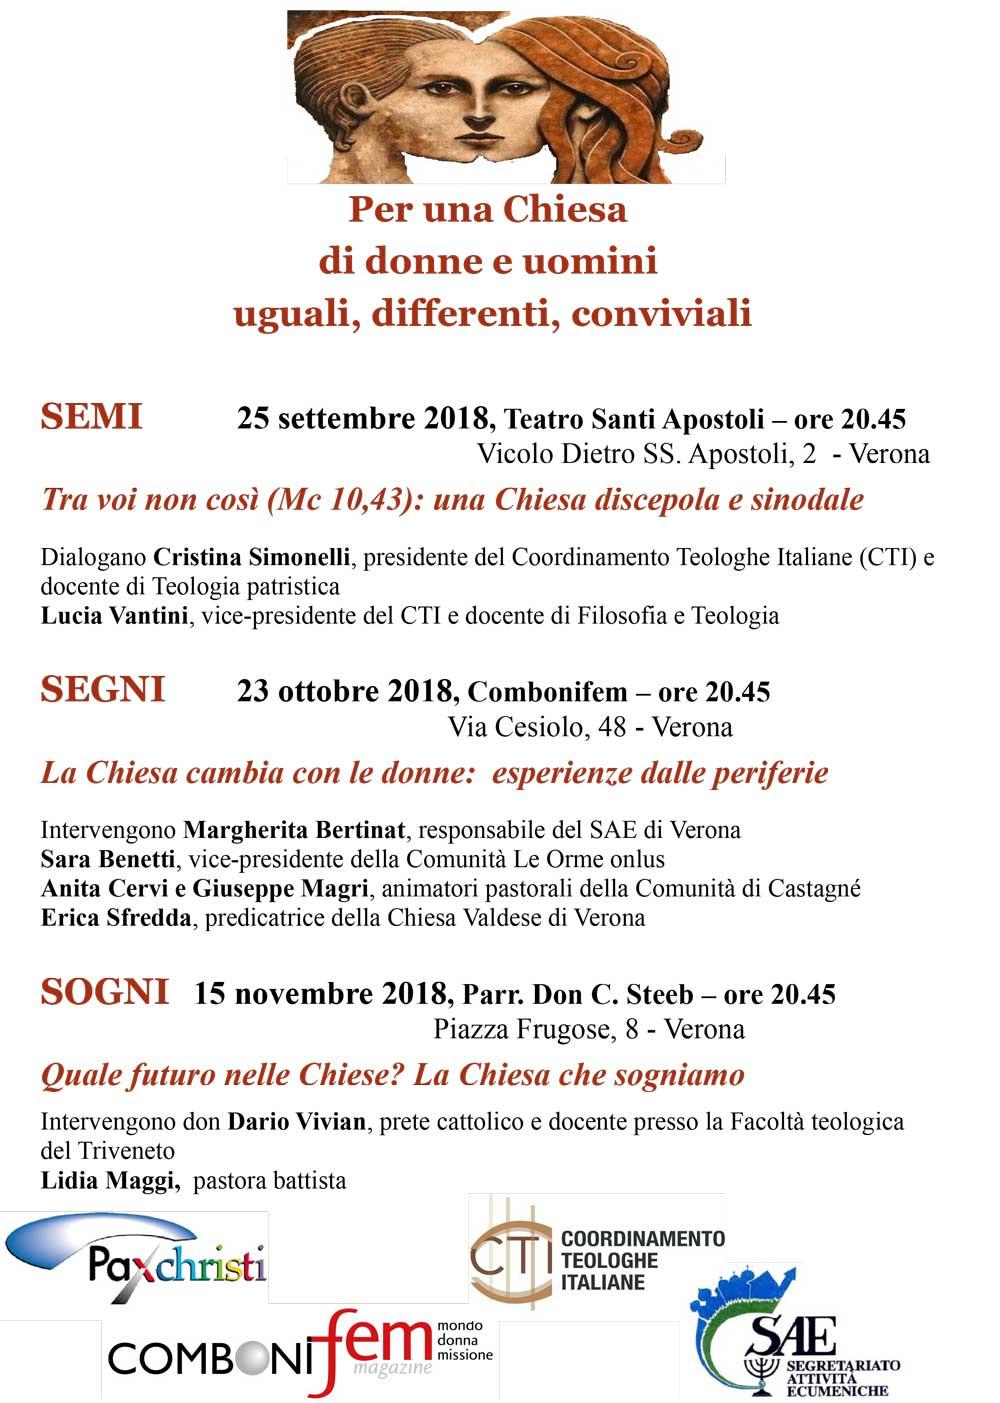 25.09.2018, VERONA: Tra voi non così (Mc 10,43): una Chiesa discepola e sinodale @ Teatro Santi Apostoli | Verona | Veneto | Italia